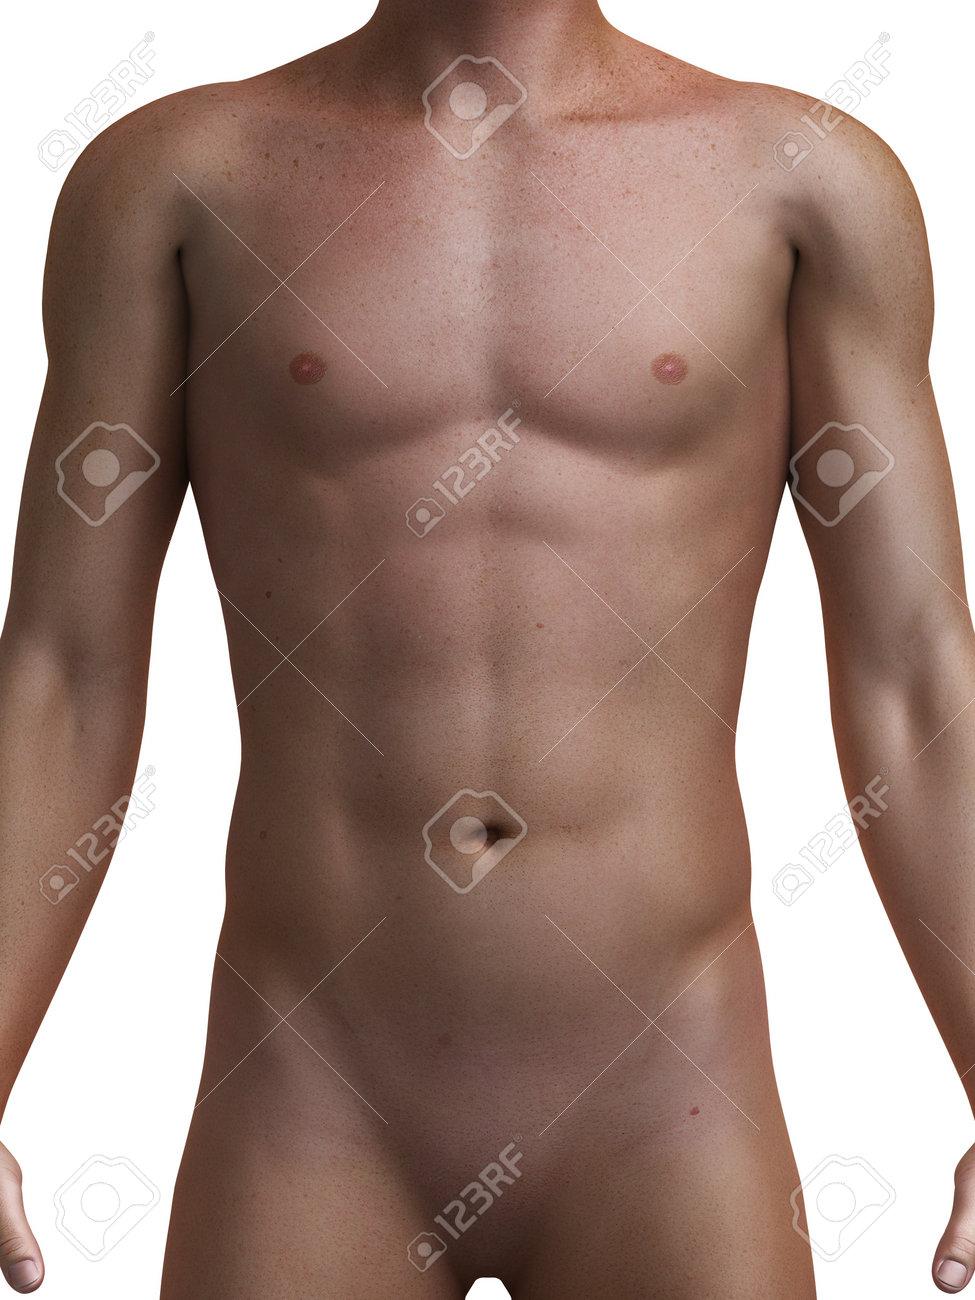 3d Rindió La Ilustración Médica De Un Torso Masculino Saludable ...